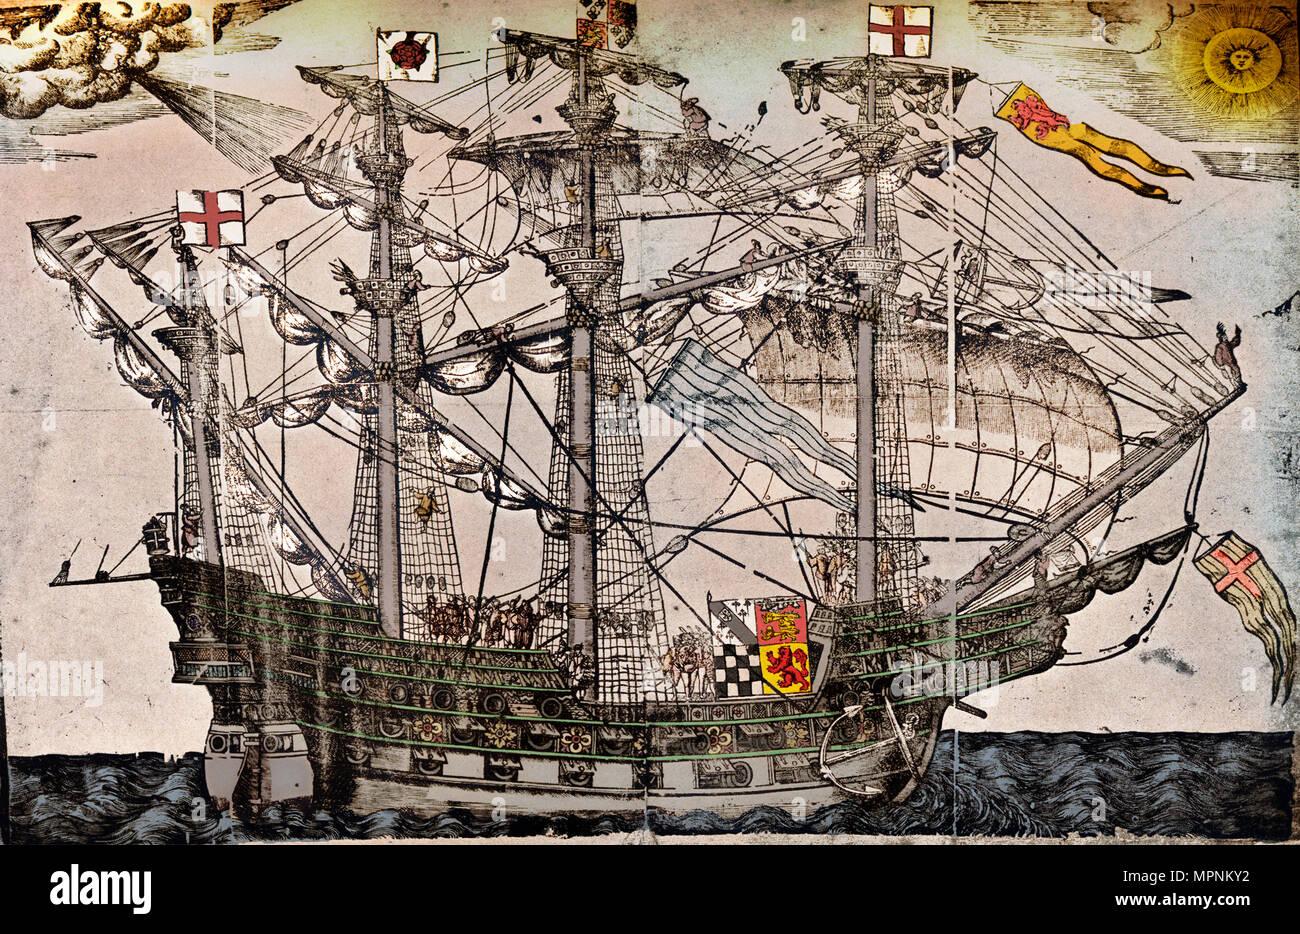 Uma xilogravura de um navio que se acredita ser o Ark Royal, c1587. Artista desconhecido. Imagens de Stock